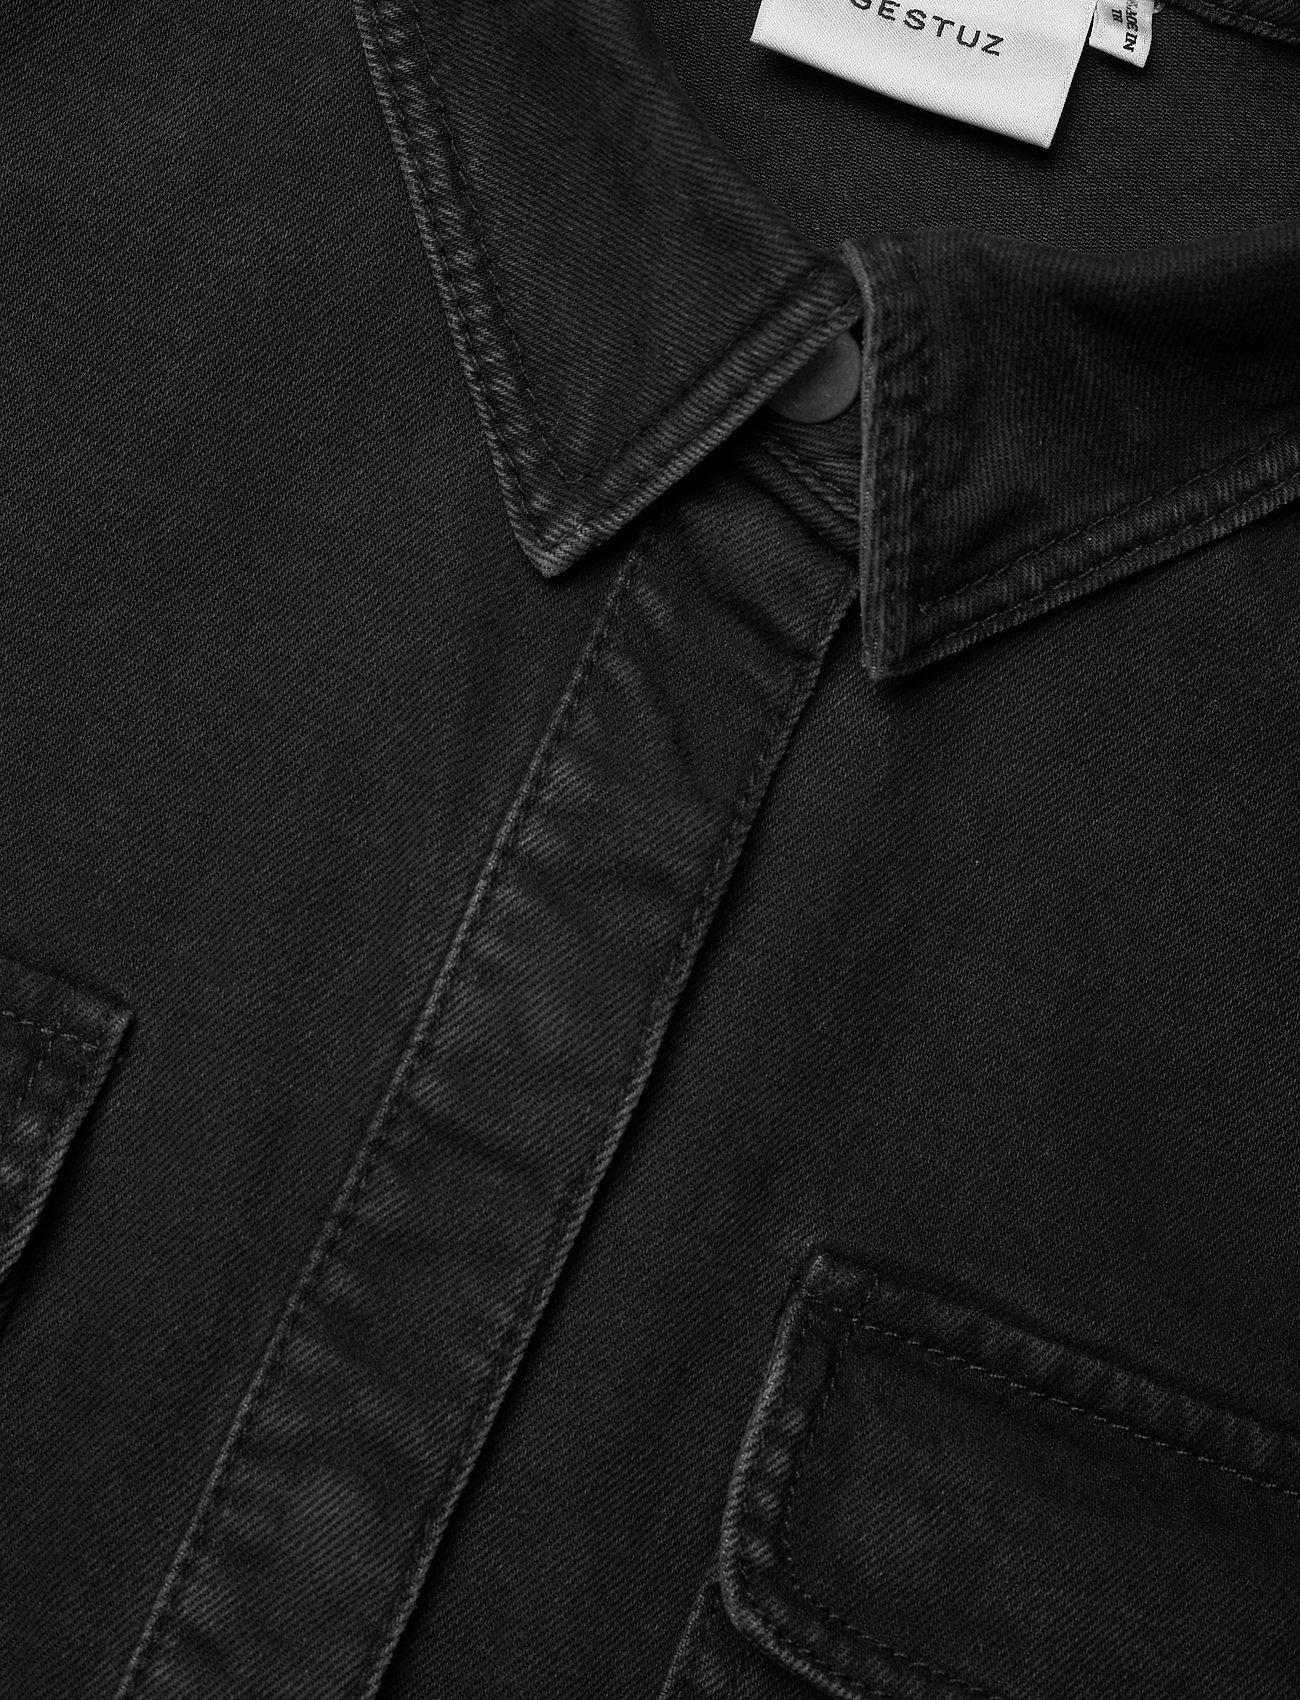 Gestuz - SofyGZ jumpsuit MA20 - clothing - washed black - 2